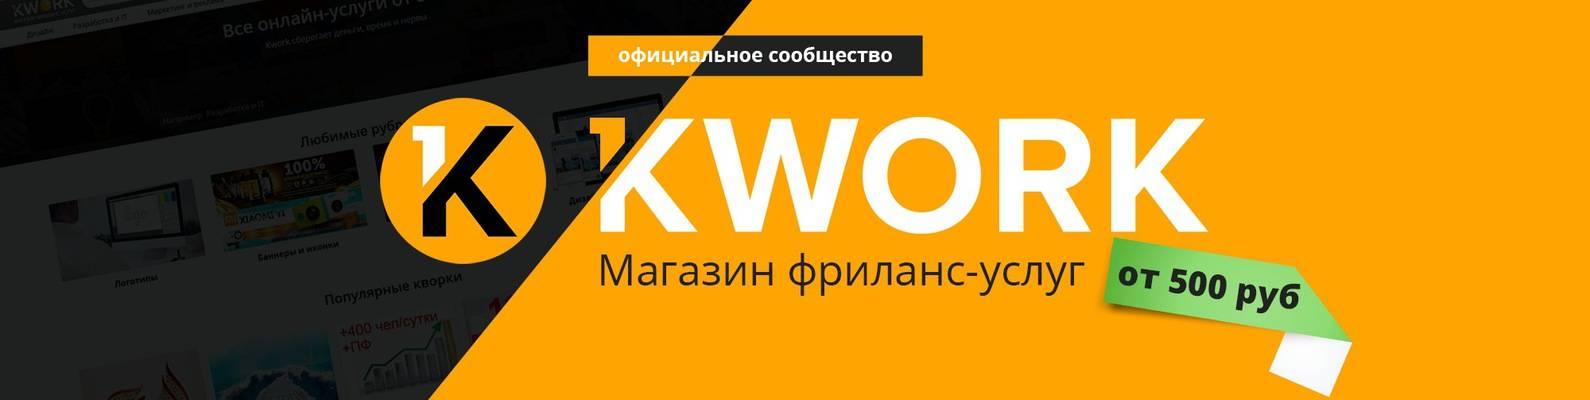 Как заработать на kwork.ru: отзывы о бирже, как работать новичку, плюсы и минусы кворка   kadrof.ru